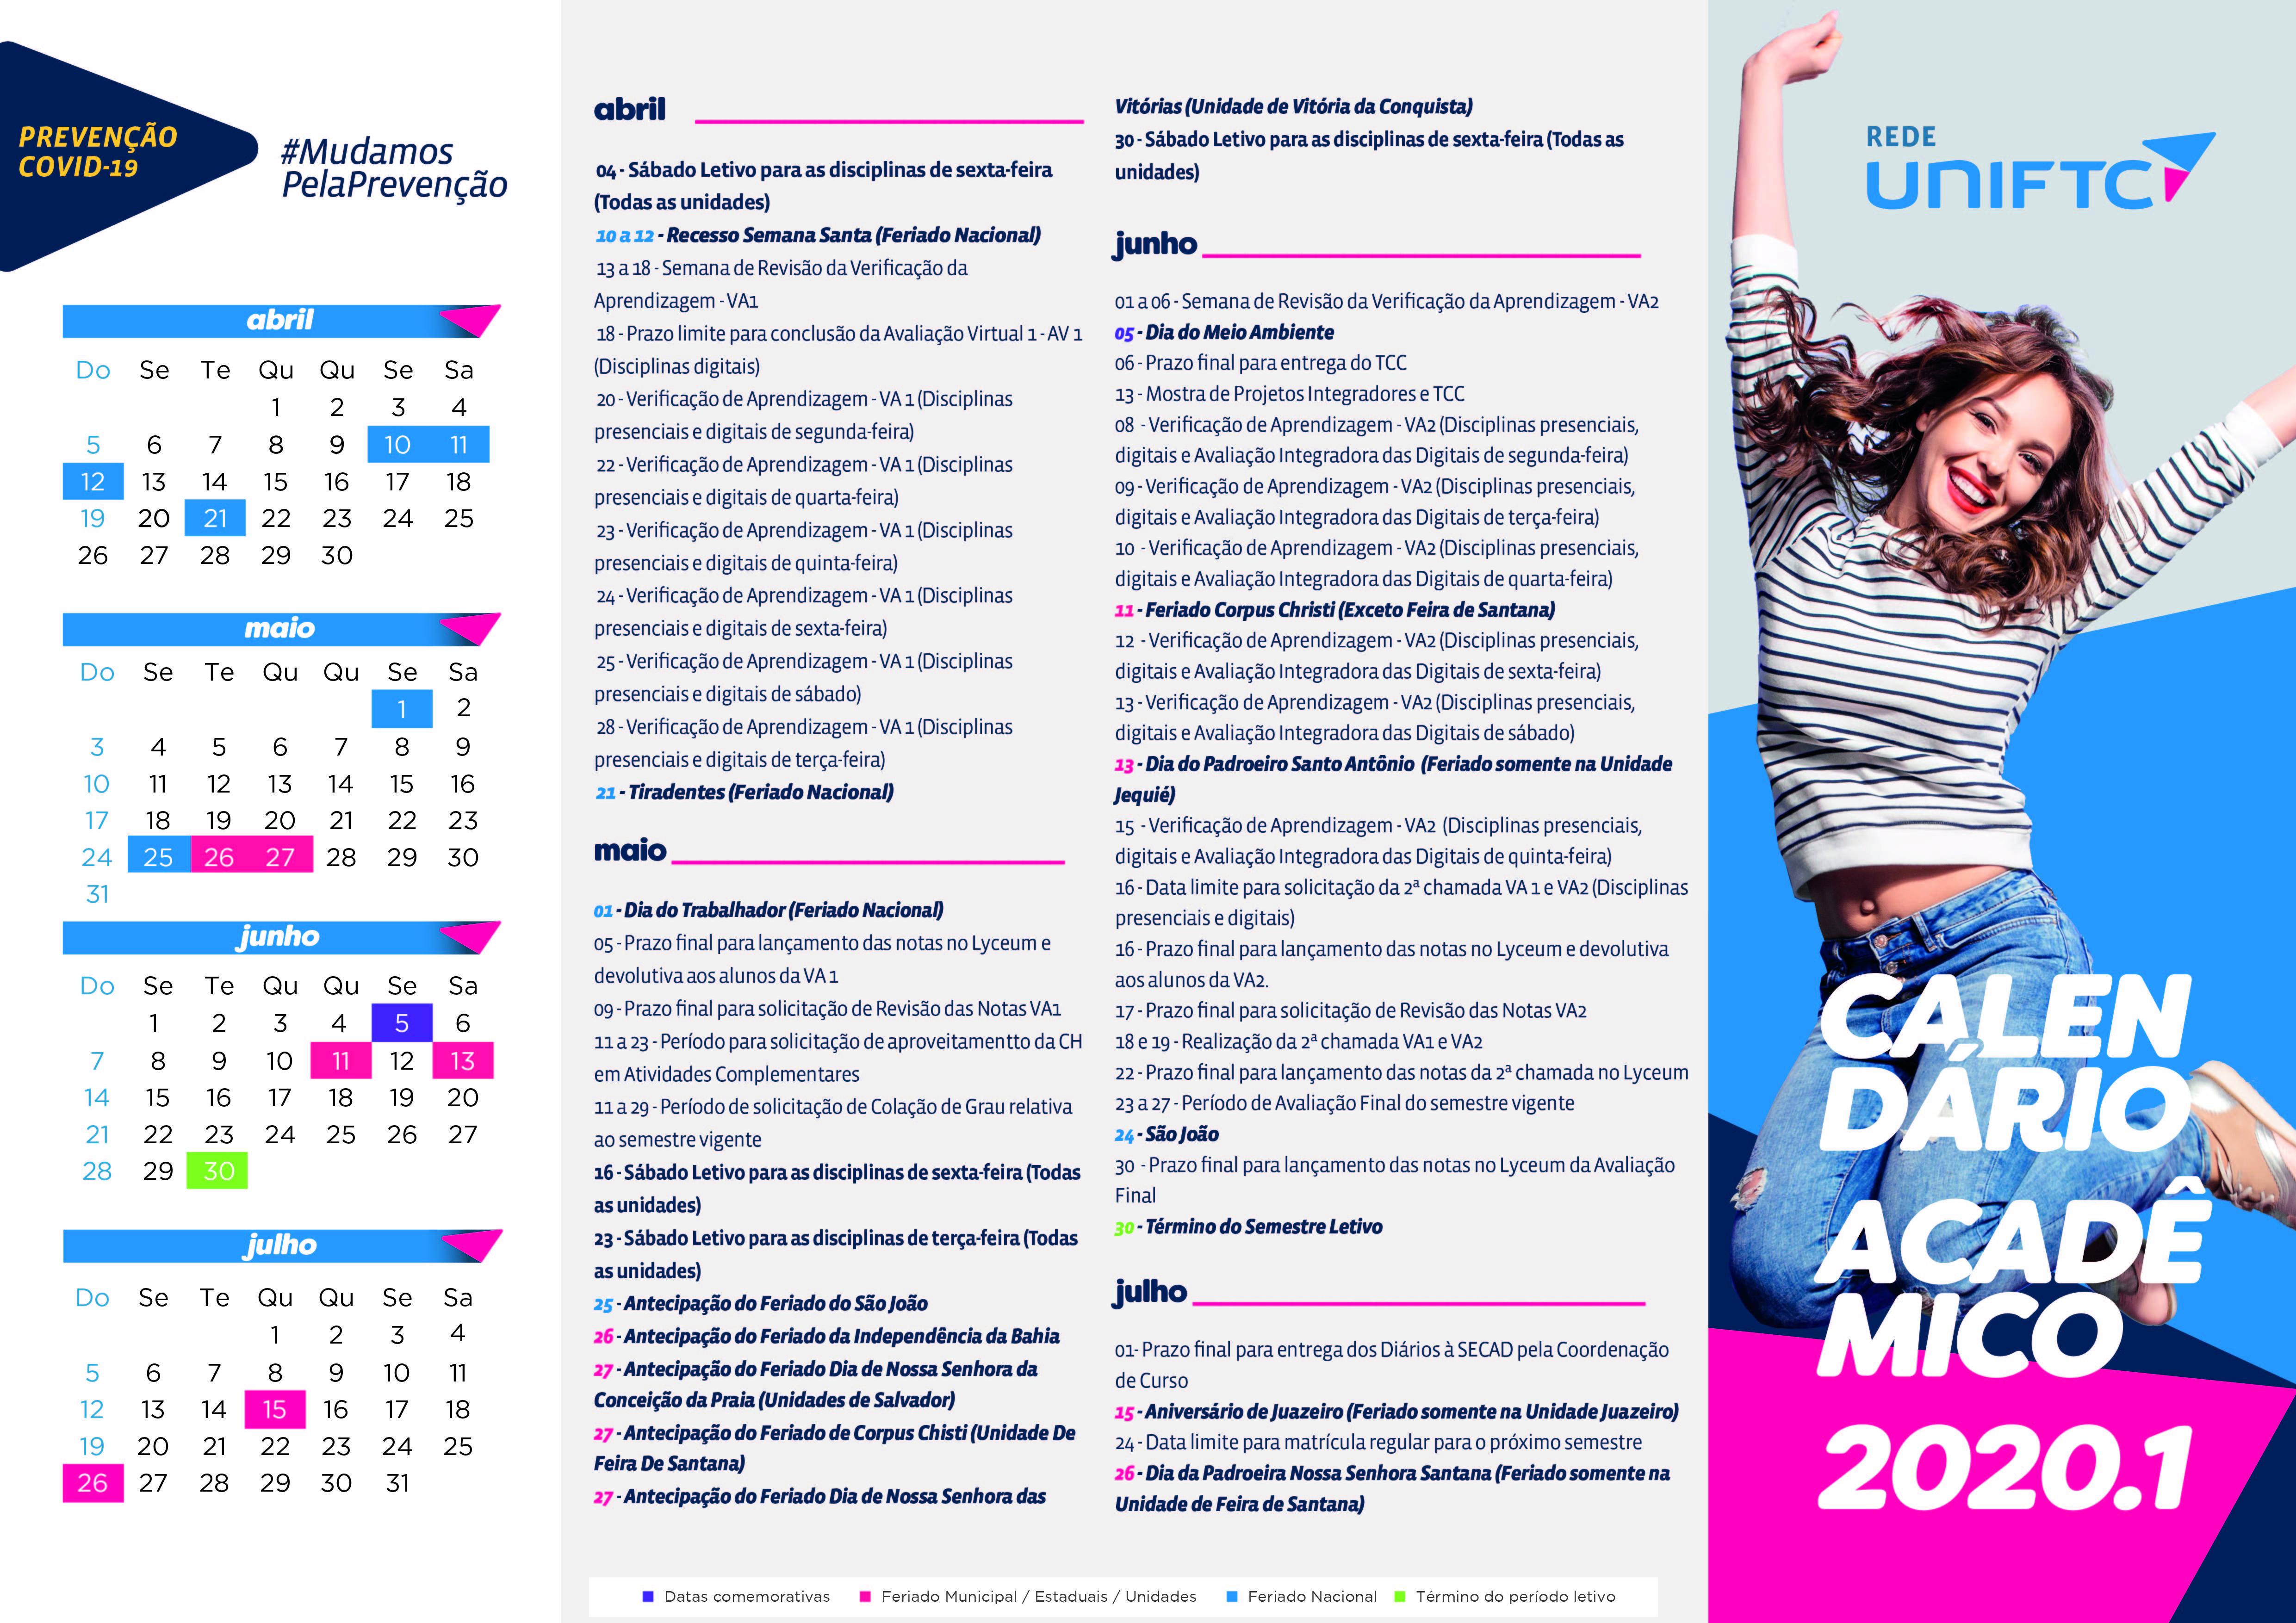 CARTAZ A3_CALENDÁRIO ACADÊMICO 2020.1 (coronavirus) (1)__UniFTC (1)